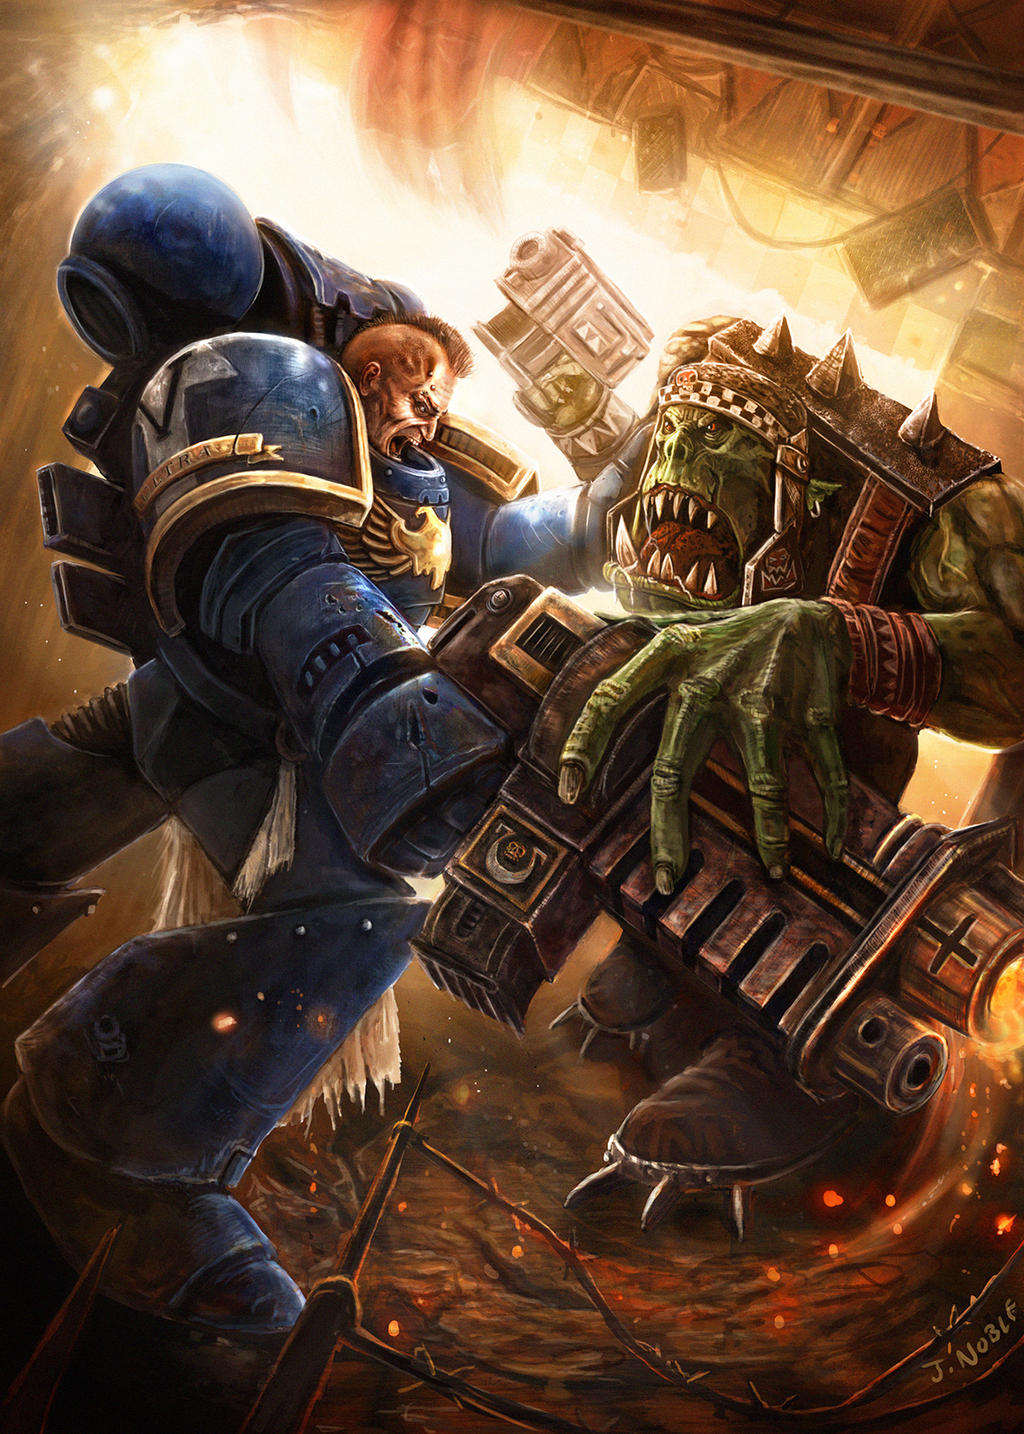 Warhammer 40k Space Marine vs Ork by Jamienobes